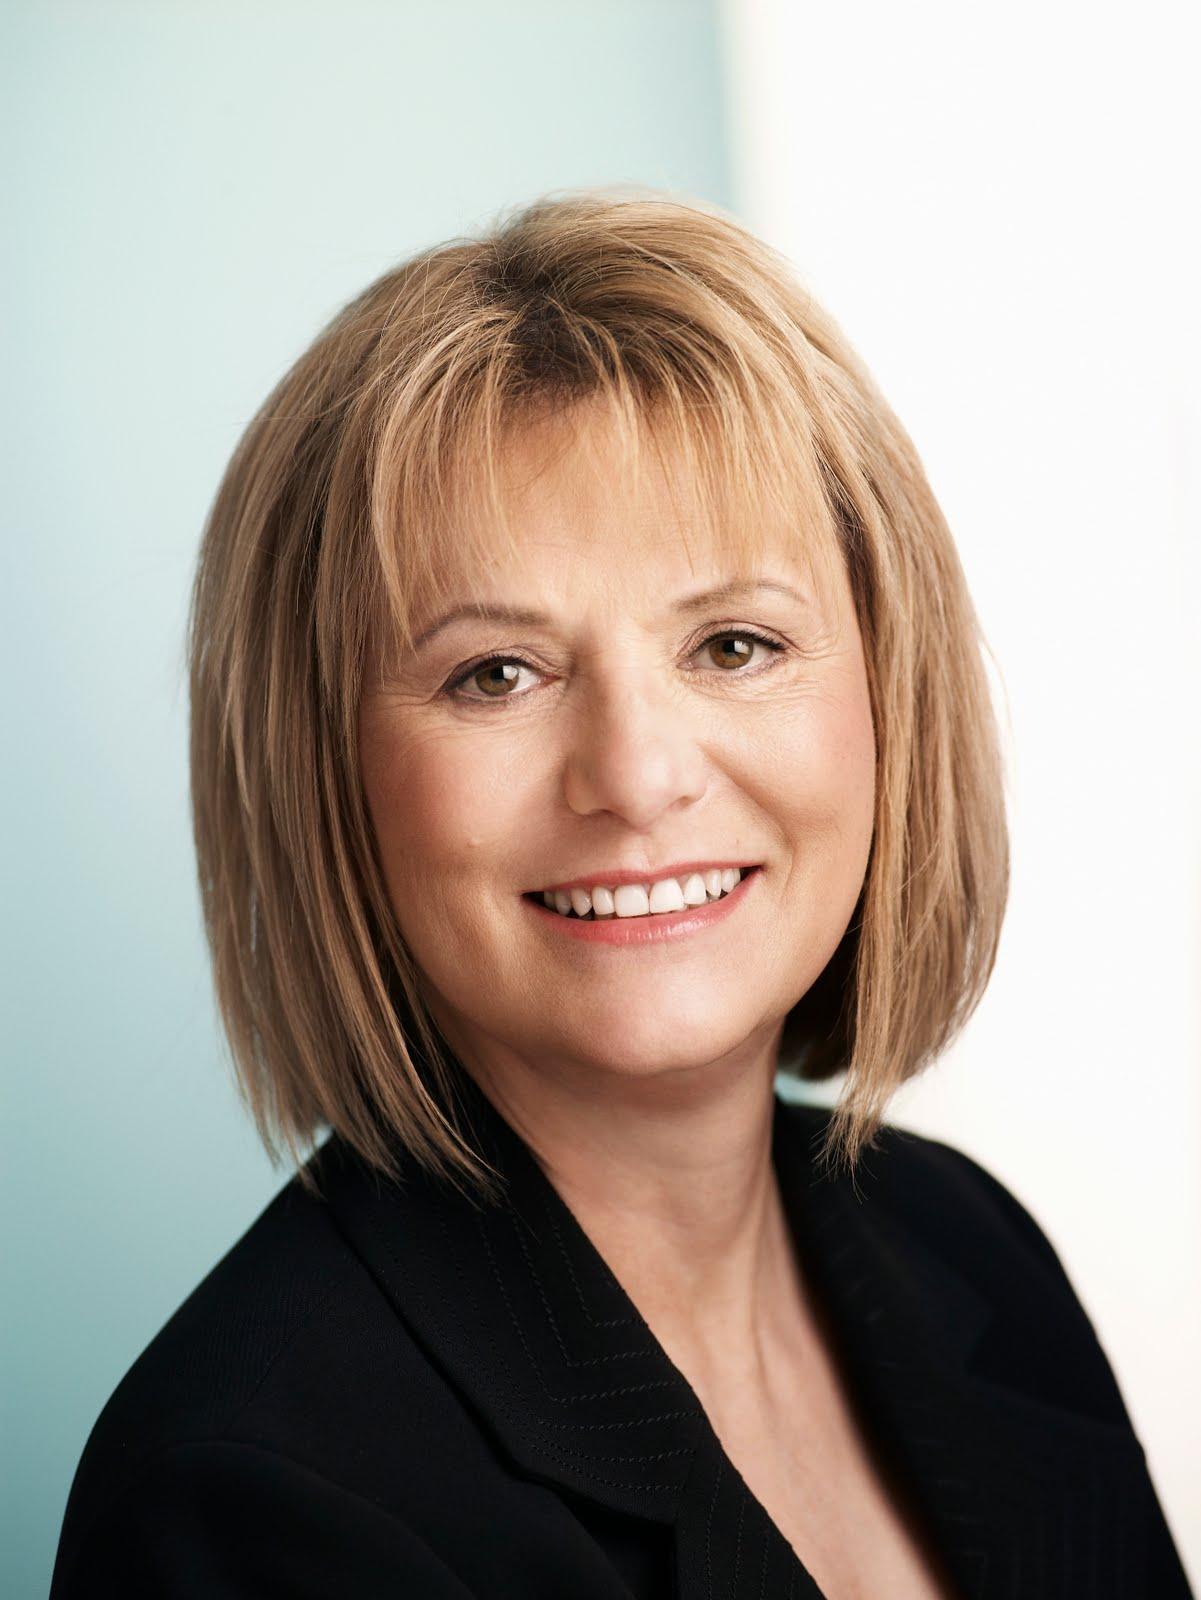 Carol Bartz Net Worth